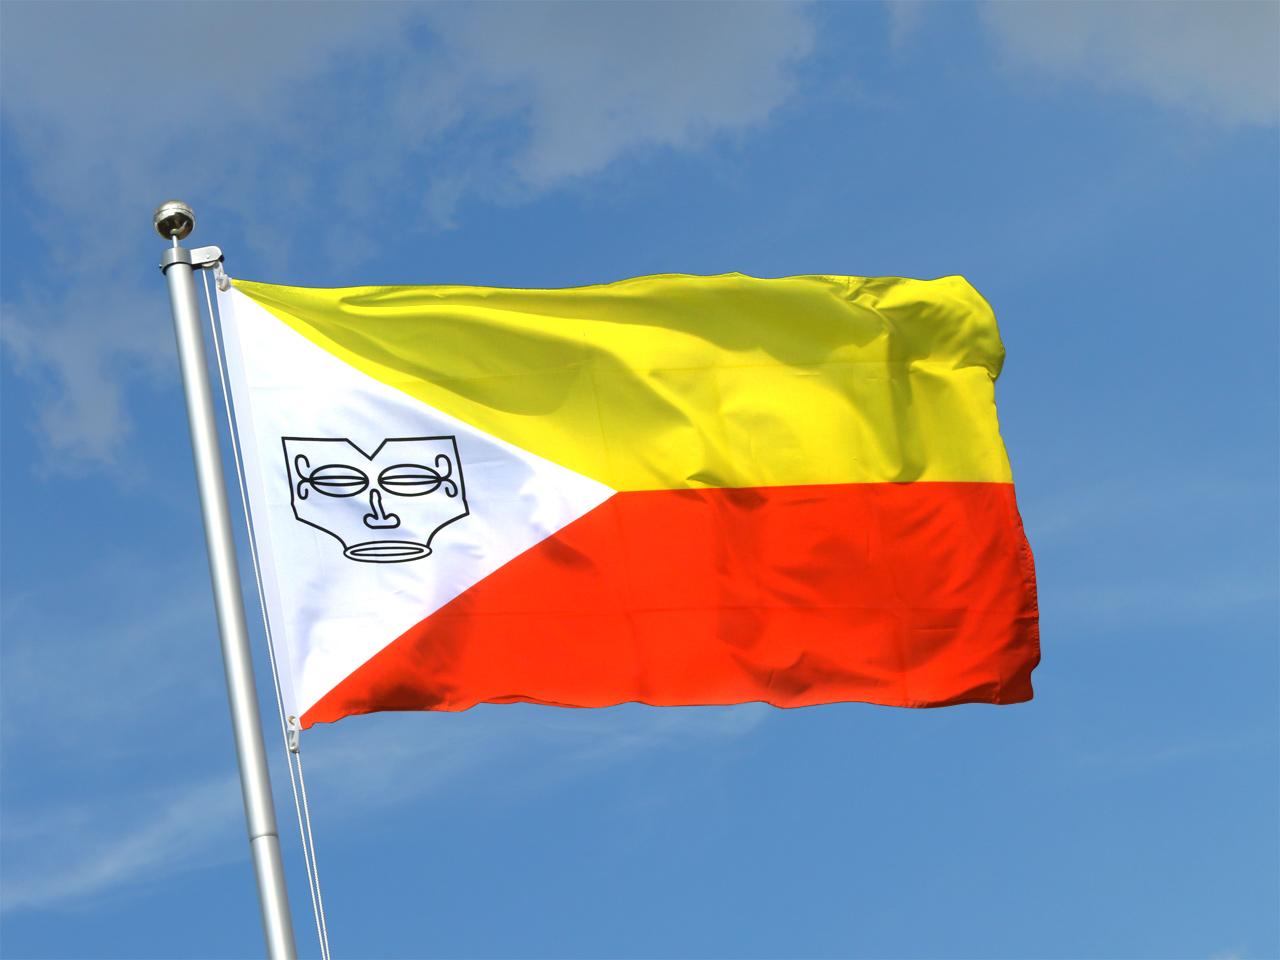 Frankreich marquesas inseln flagge fahne 90x150 cm im Dekoration frankreich